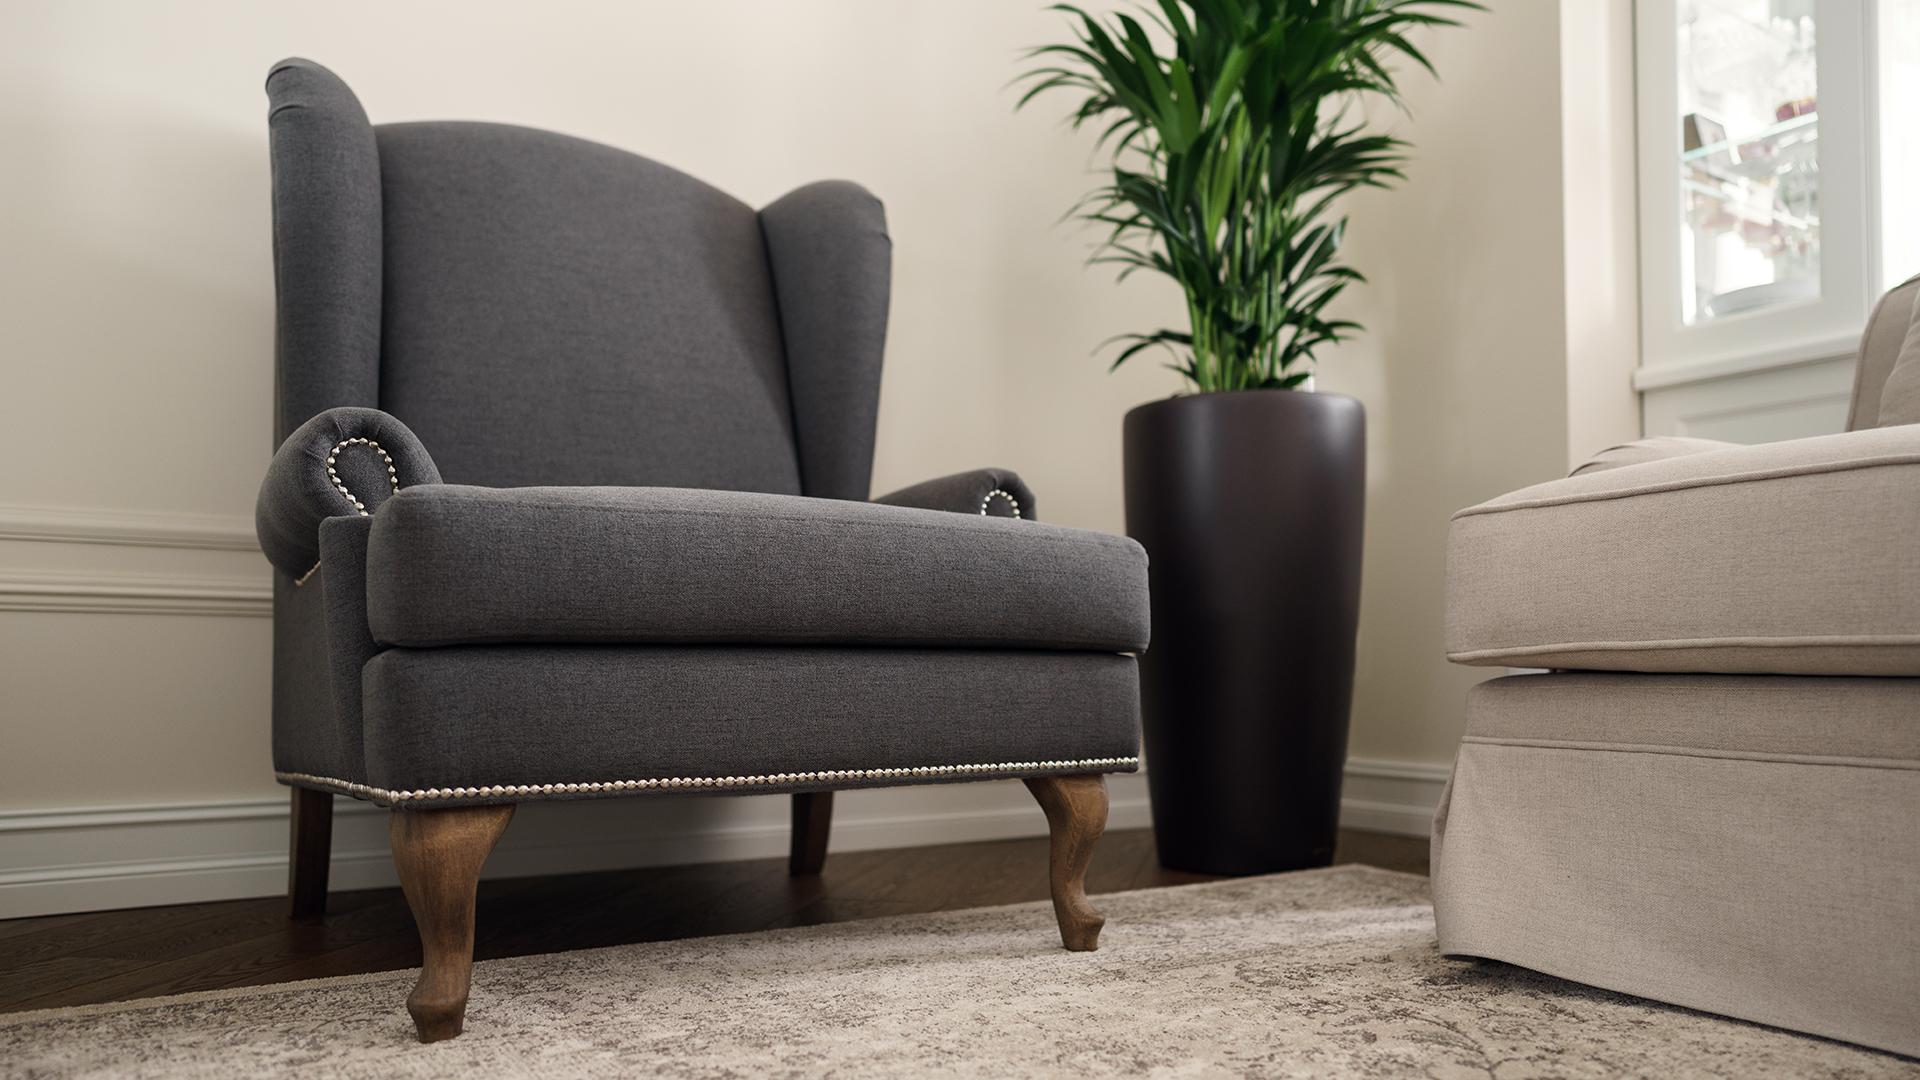 dsc00899 - 5 лайфхаков: как выбрать удобное кресло